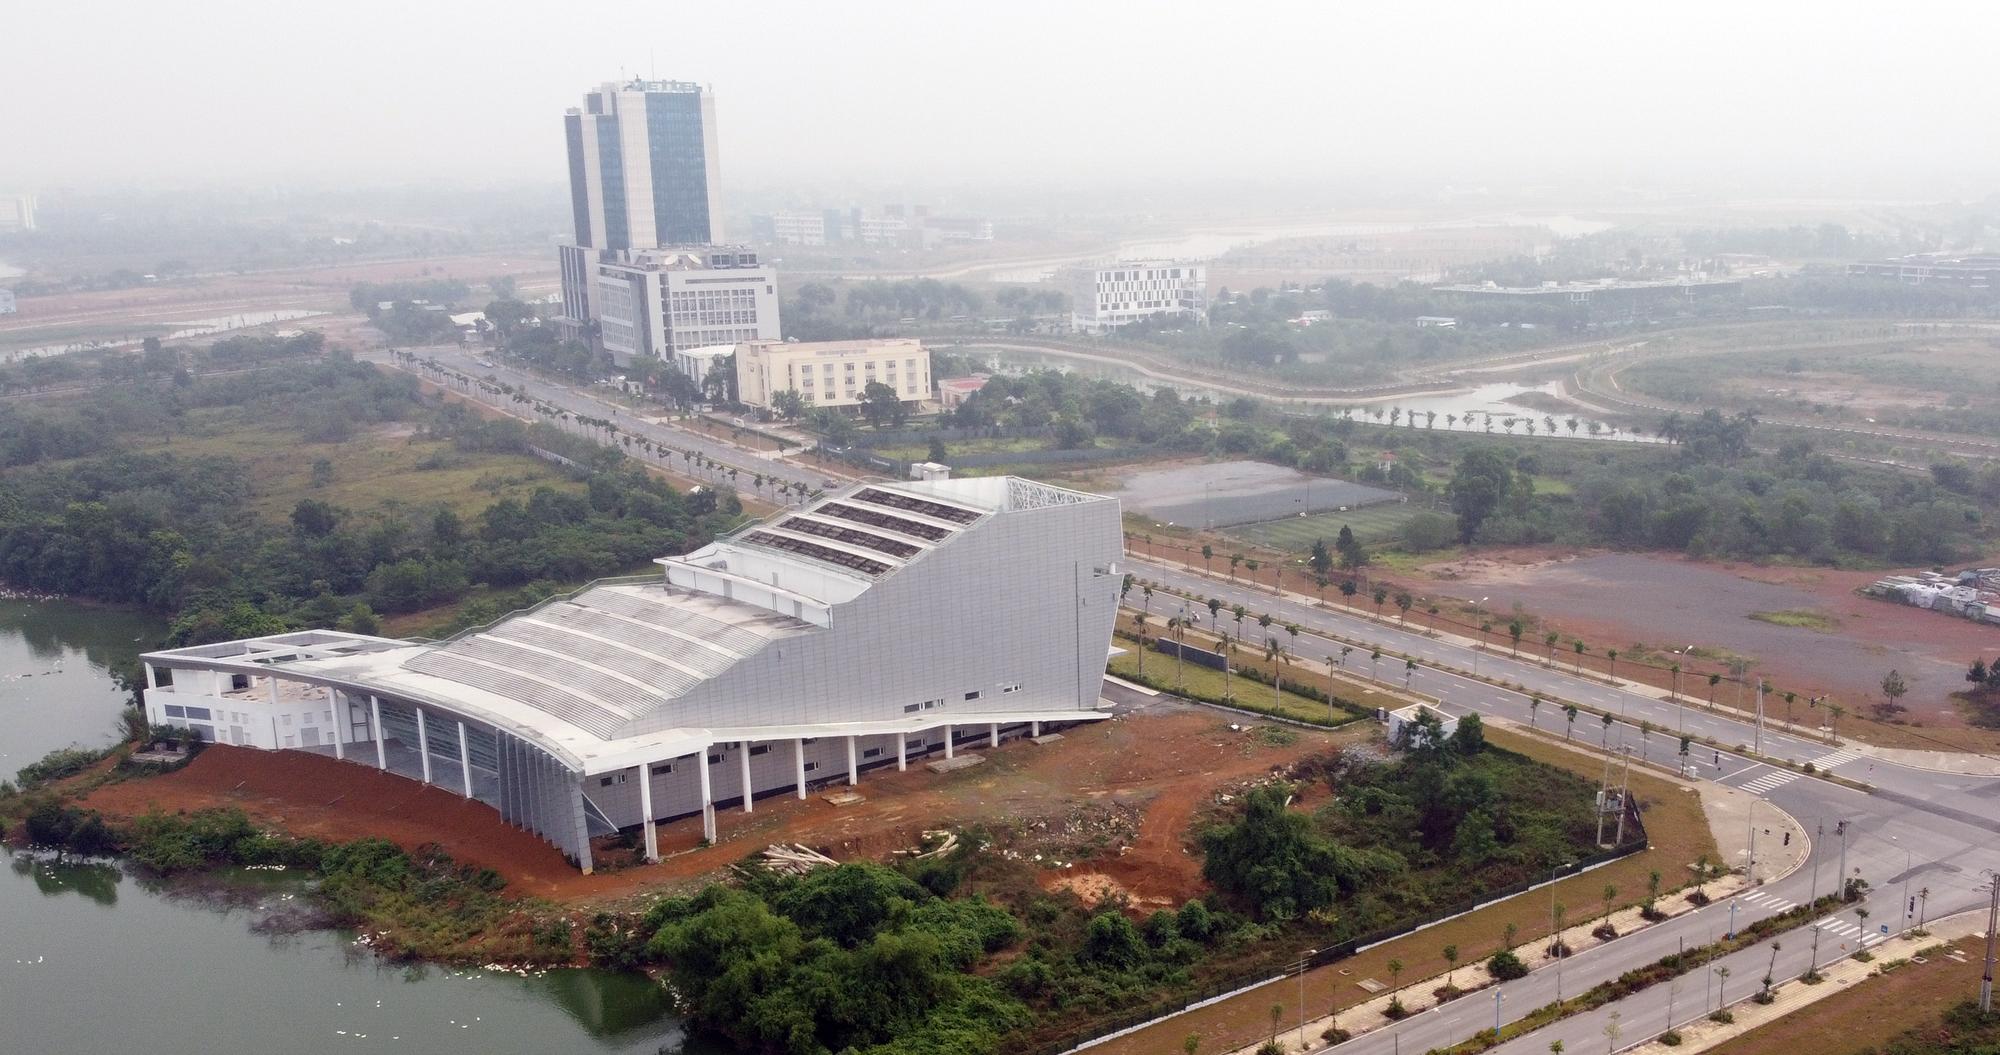 Hà Nội dự kiến đưa Hòa Lạc lên thành phố cùng với Đông Anh, Mê Linh, Sóc Sơn - Ảnh 1.